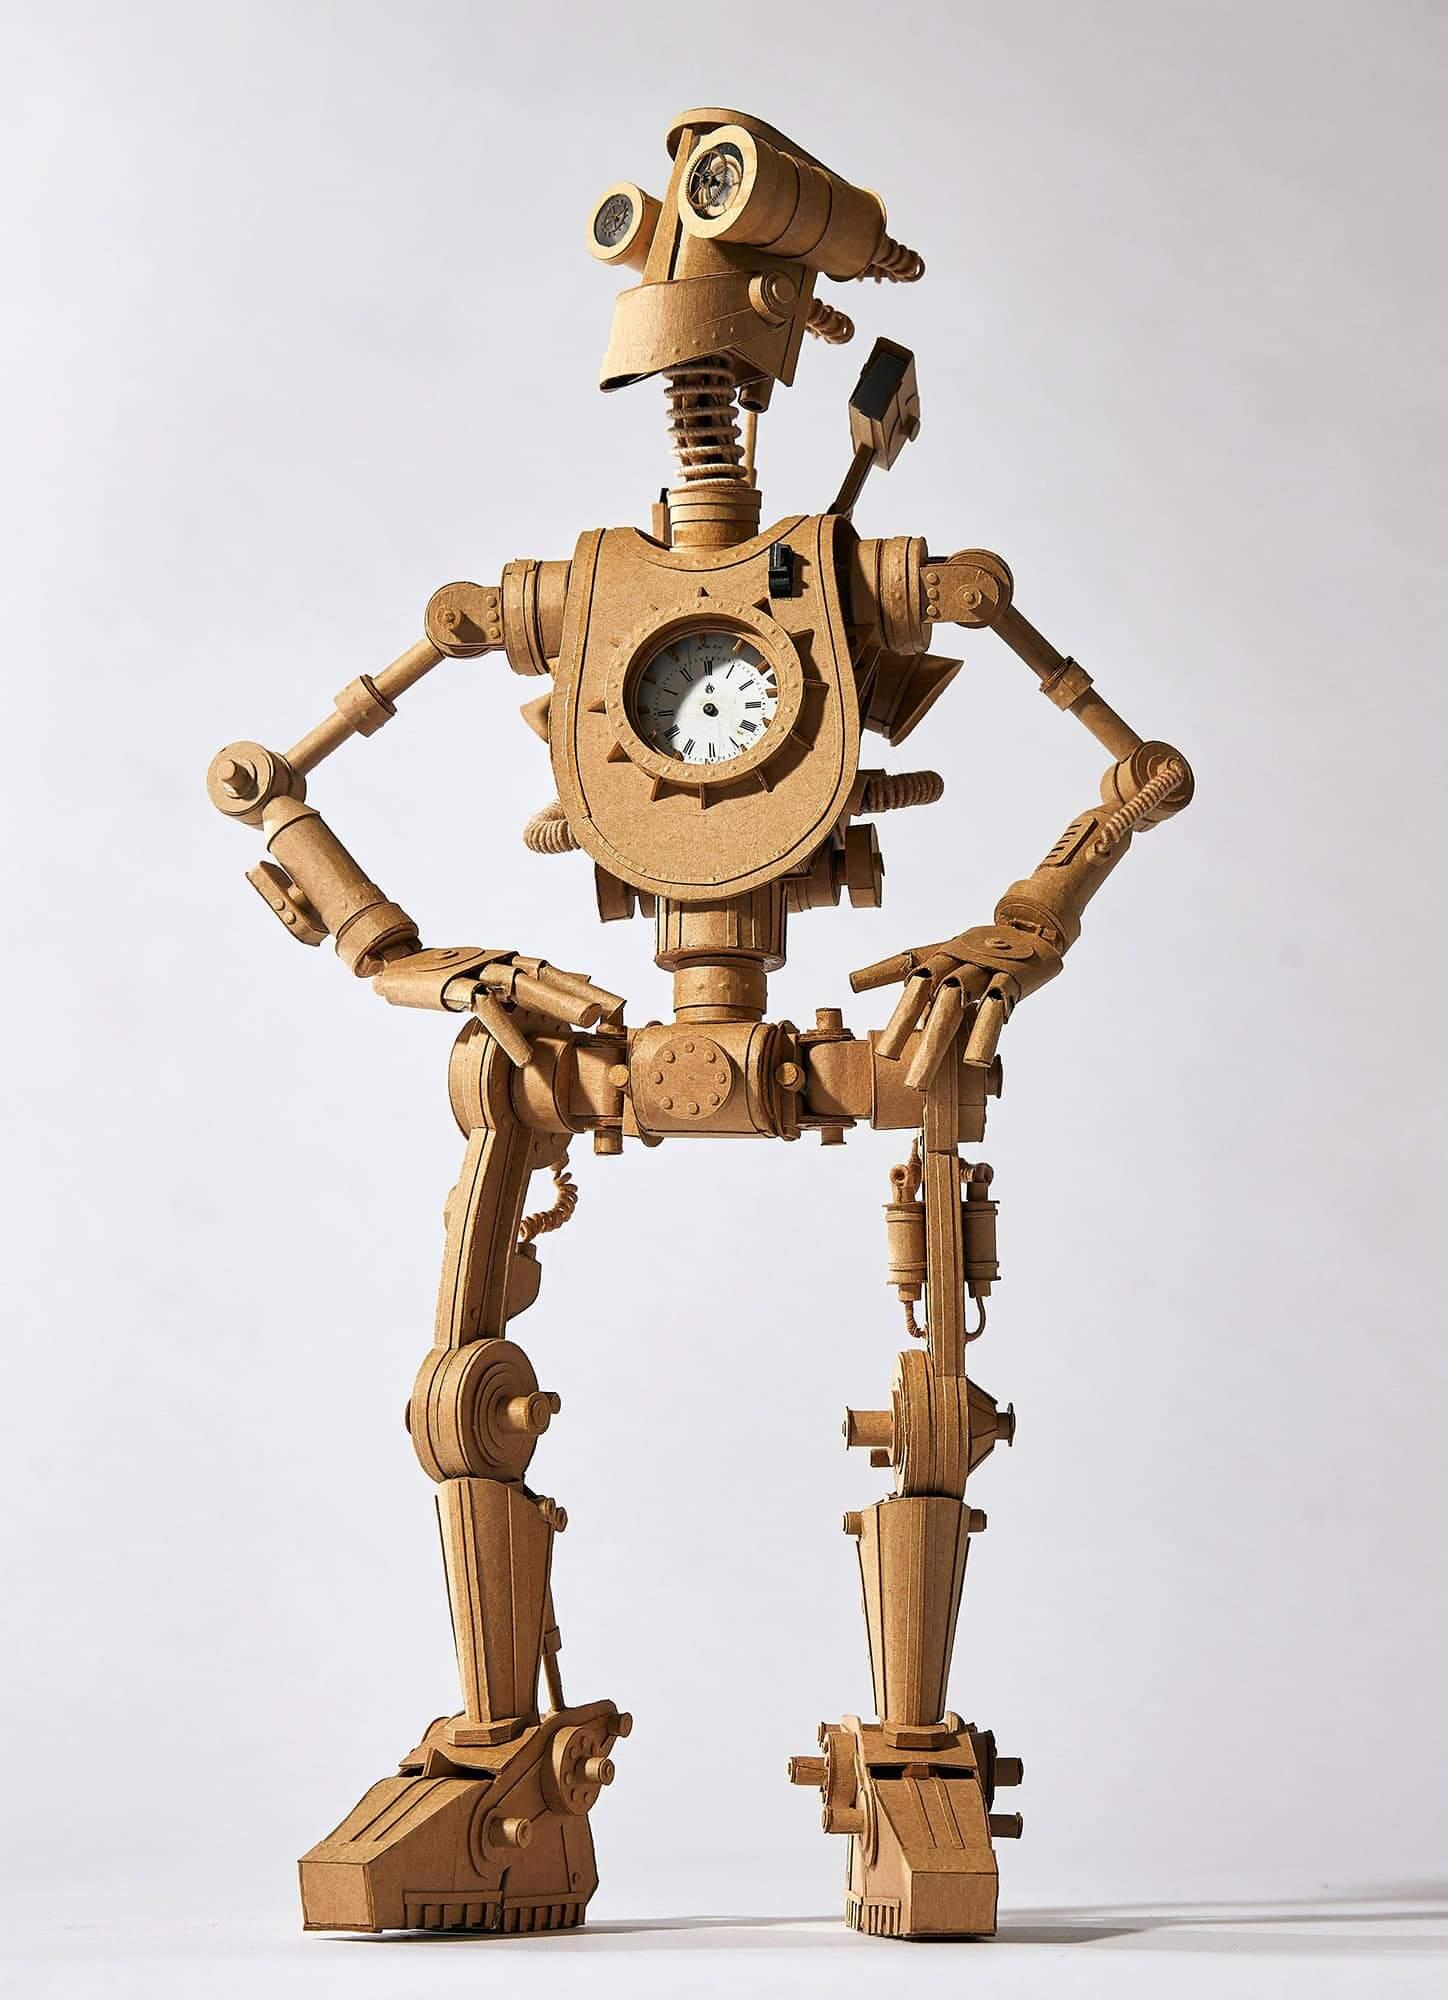 Robot de cartón con un reloj en el centro hecho por greg olijnyk